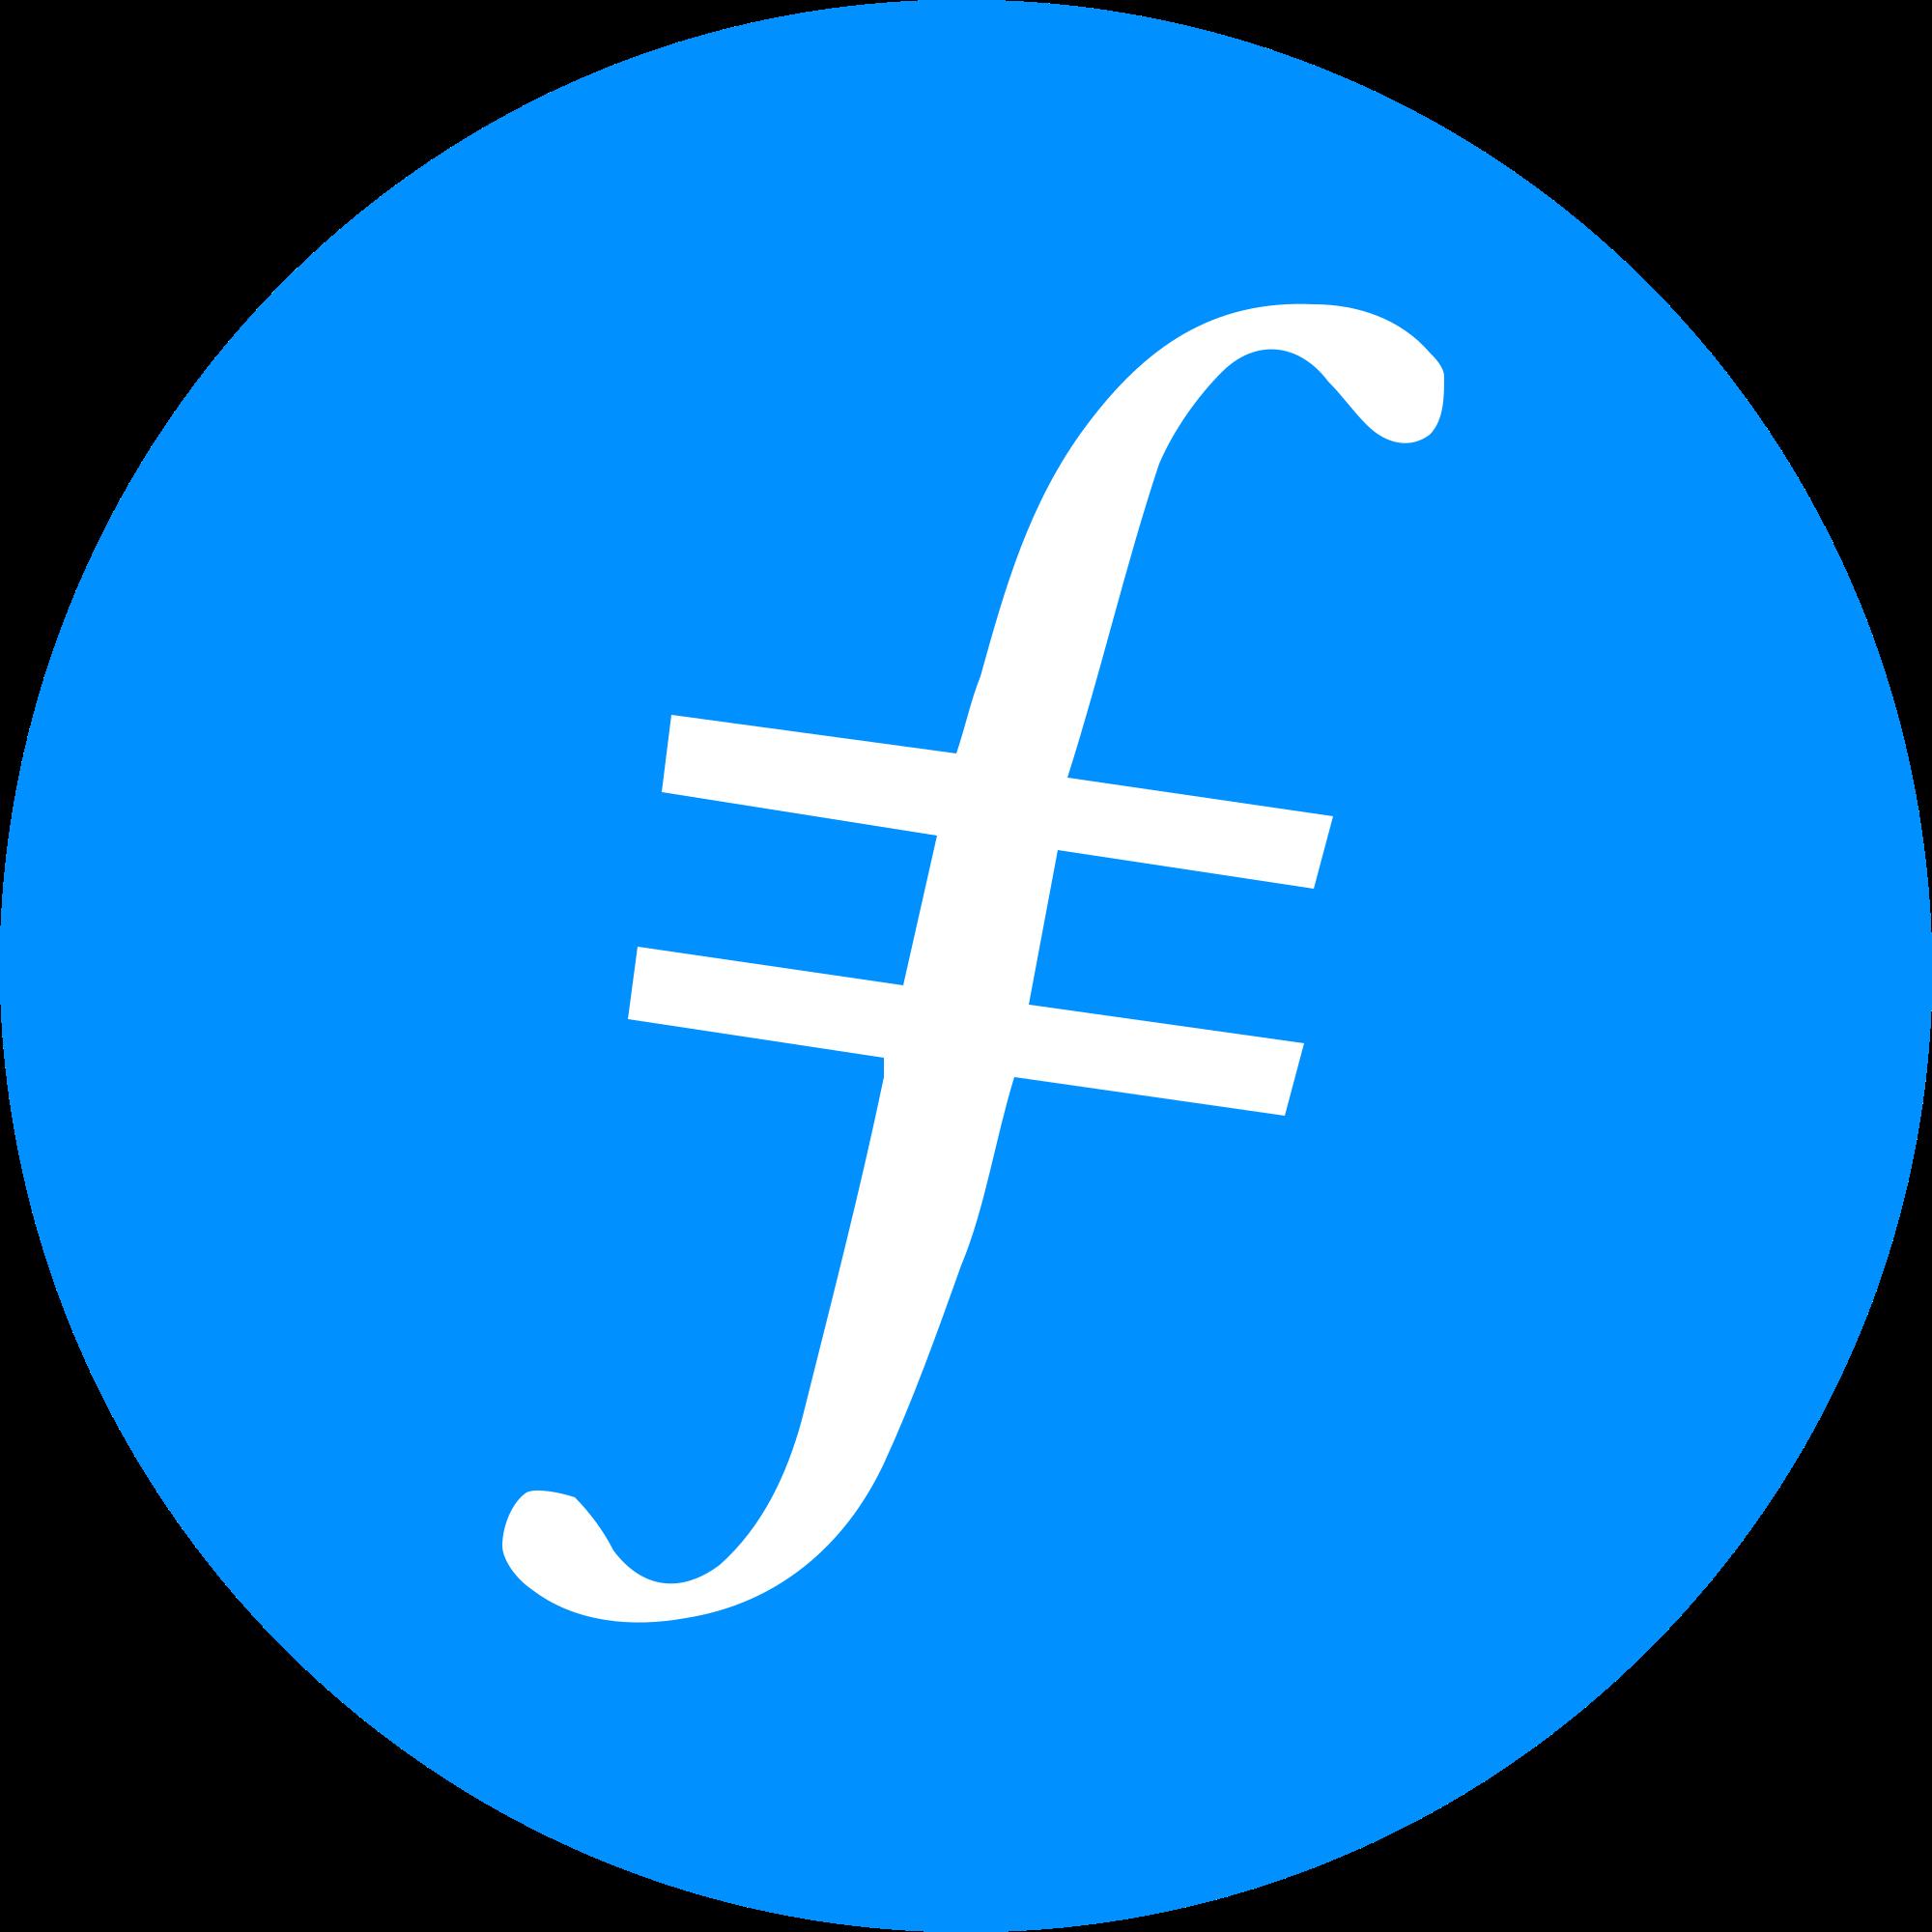 Filecoin fil logo